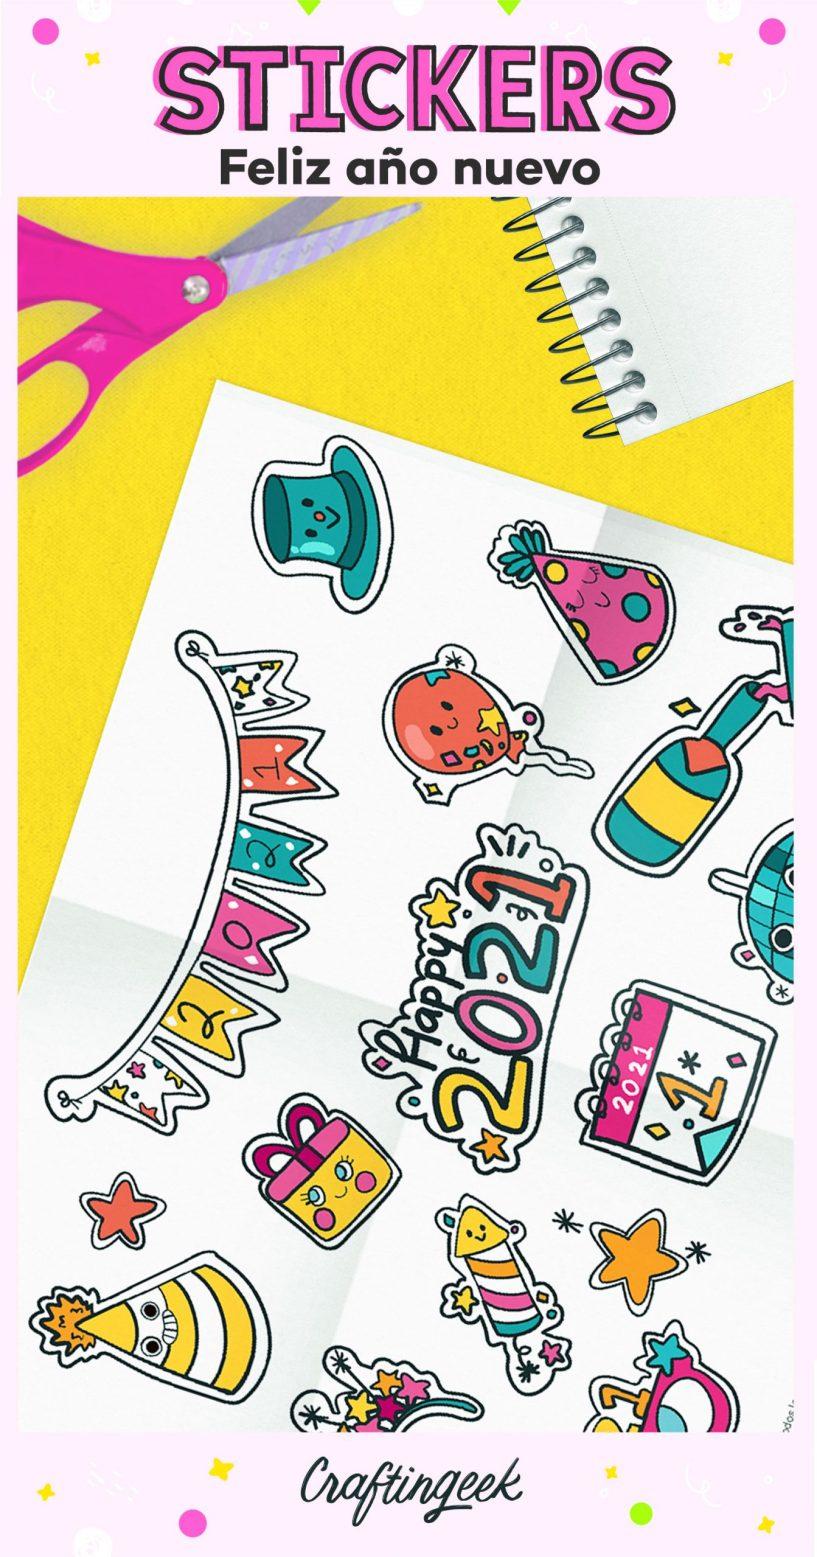 Stickers de año nuevo 2021_Portada